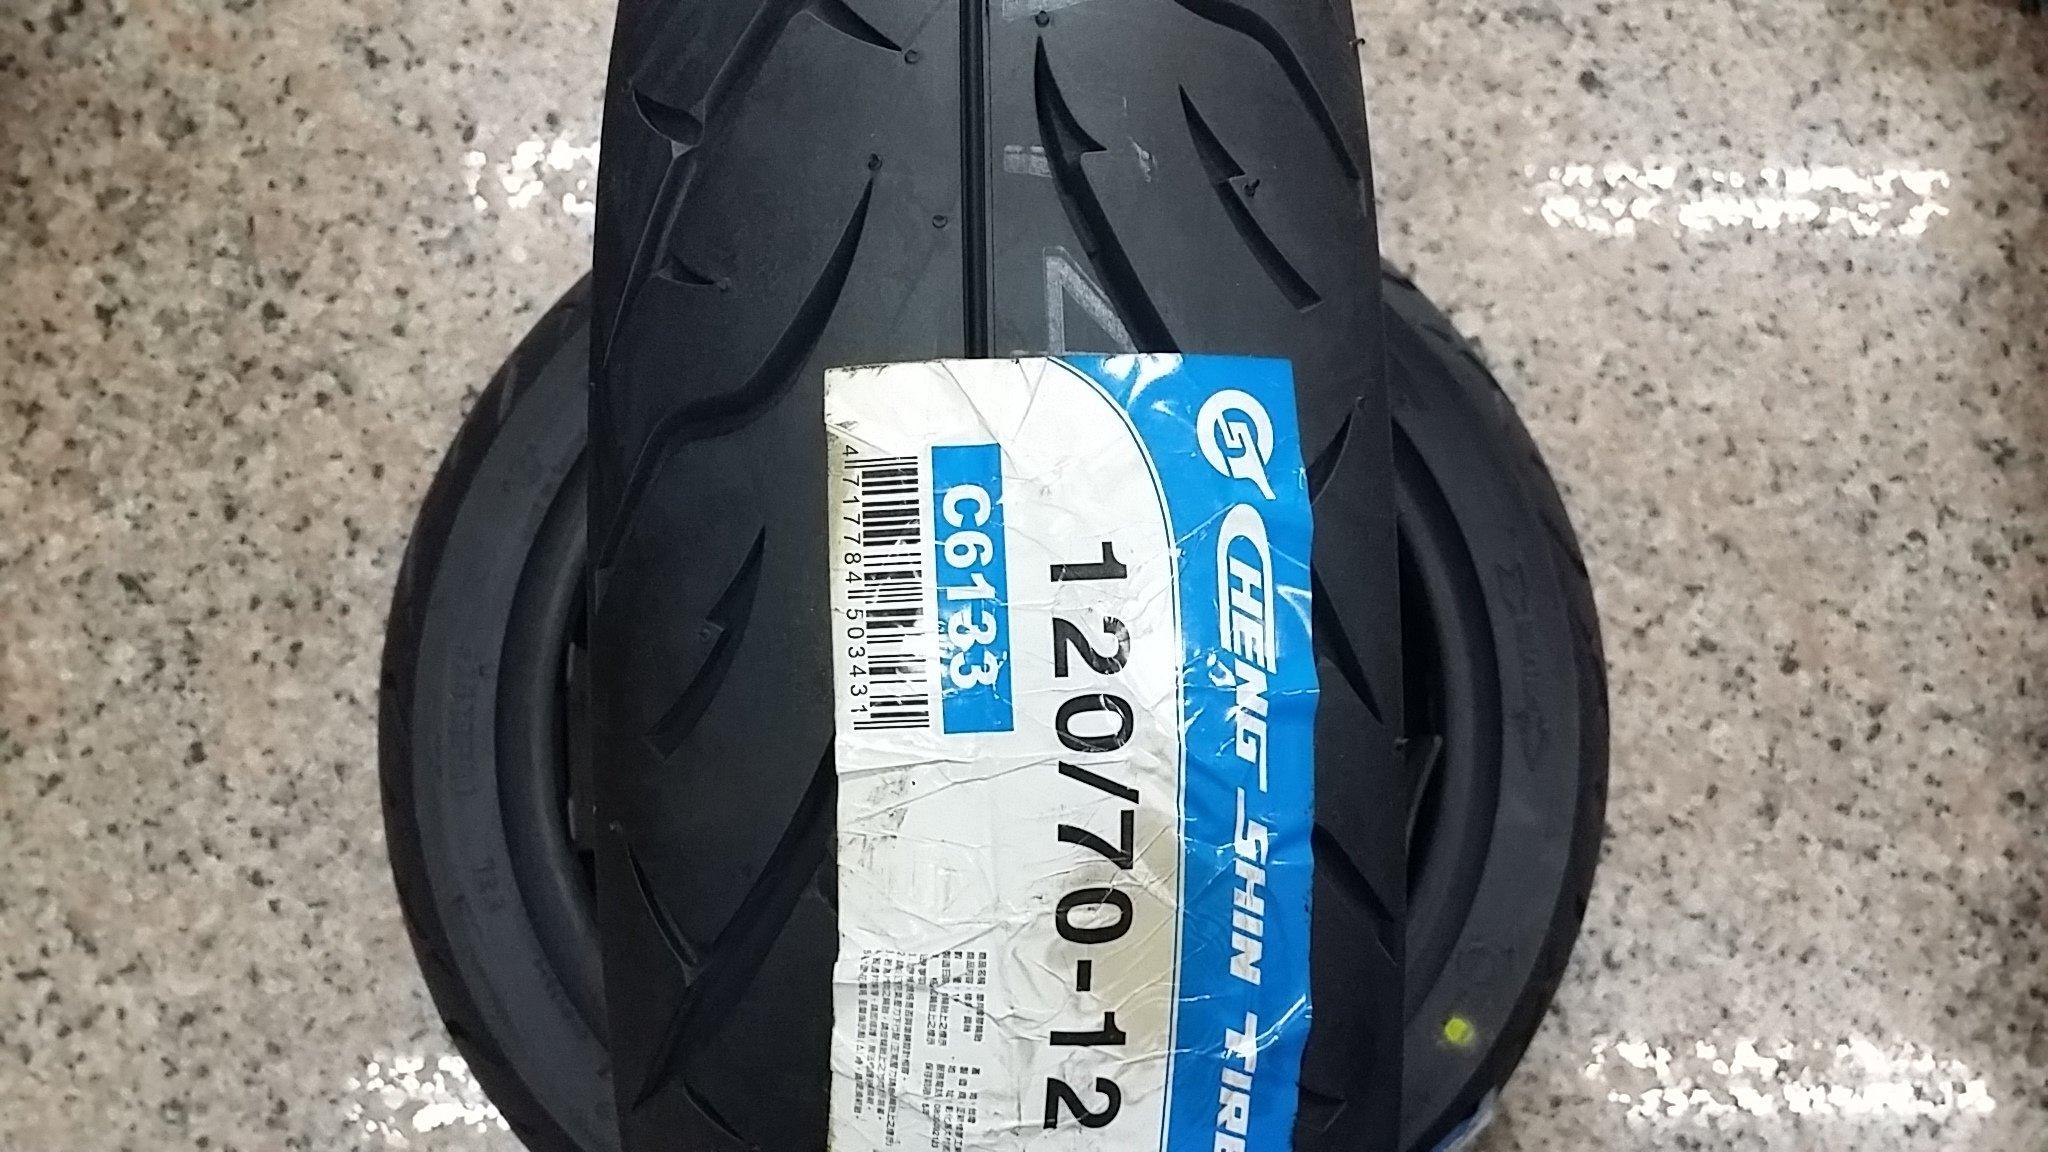 **勁輪工坊**(機車輪胎專賣店) 正新輪胎 C6133  110/70/12 120/70/12 130/70/12